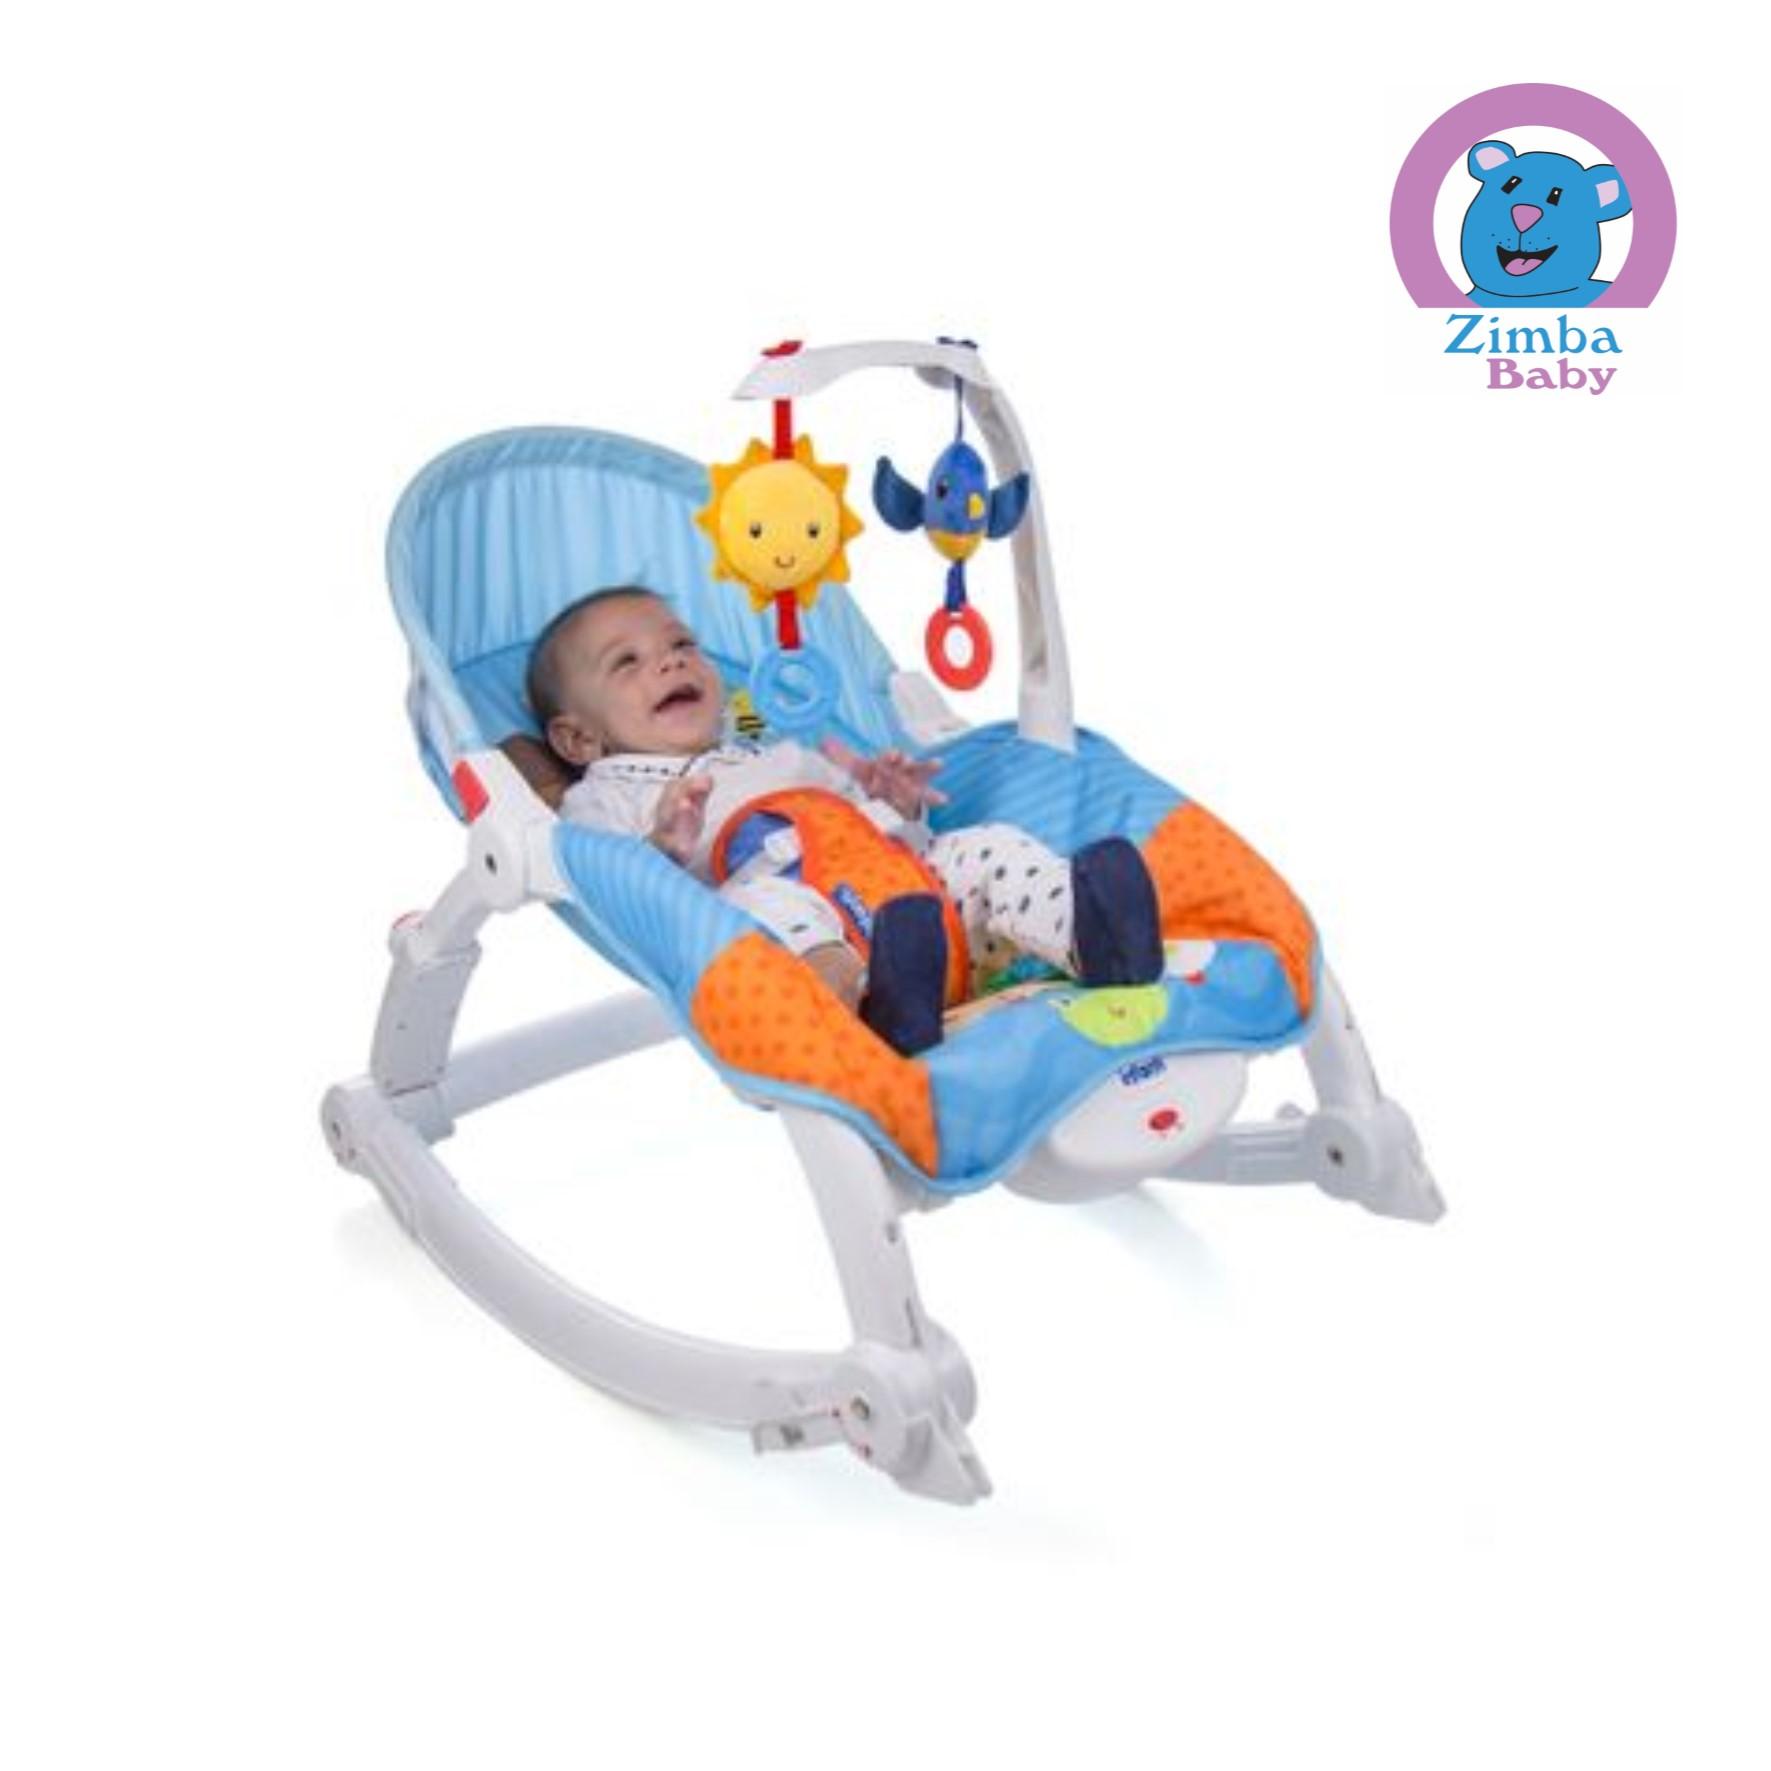 Cadeira de Descanso - Pisolino até 18 kg   - Infanti